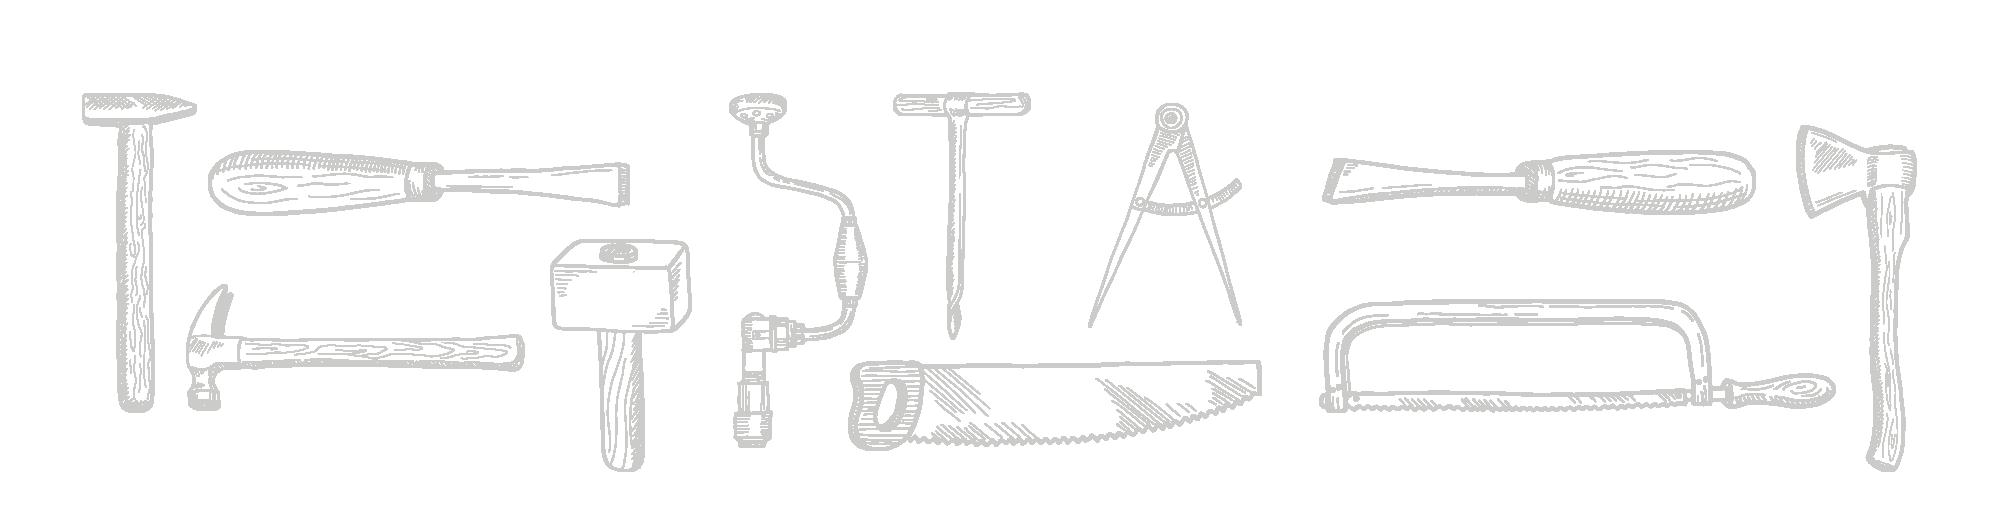 tools-01.png